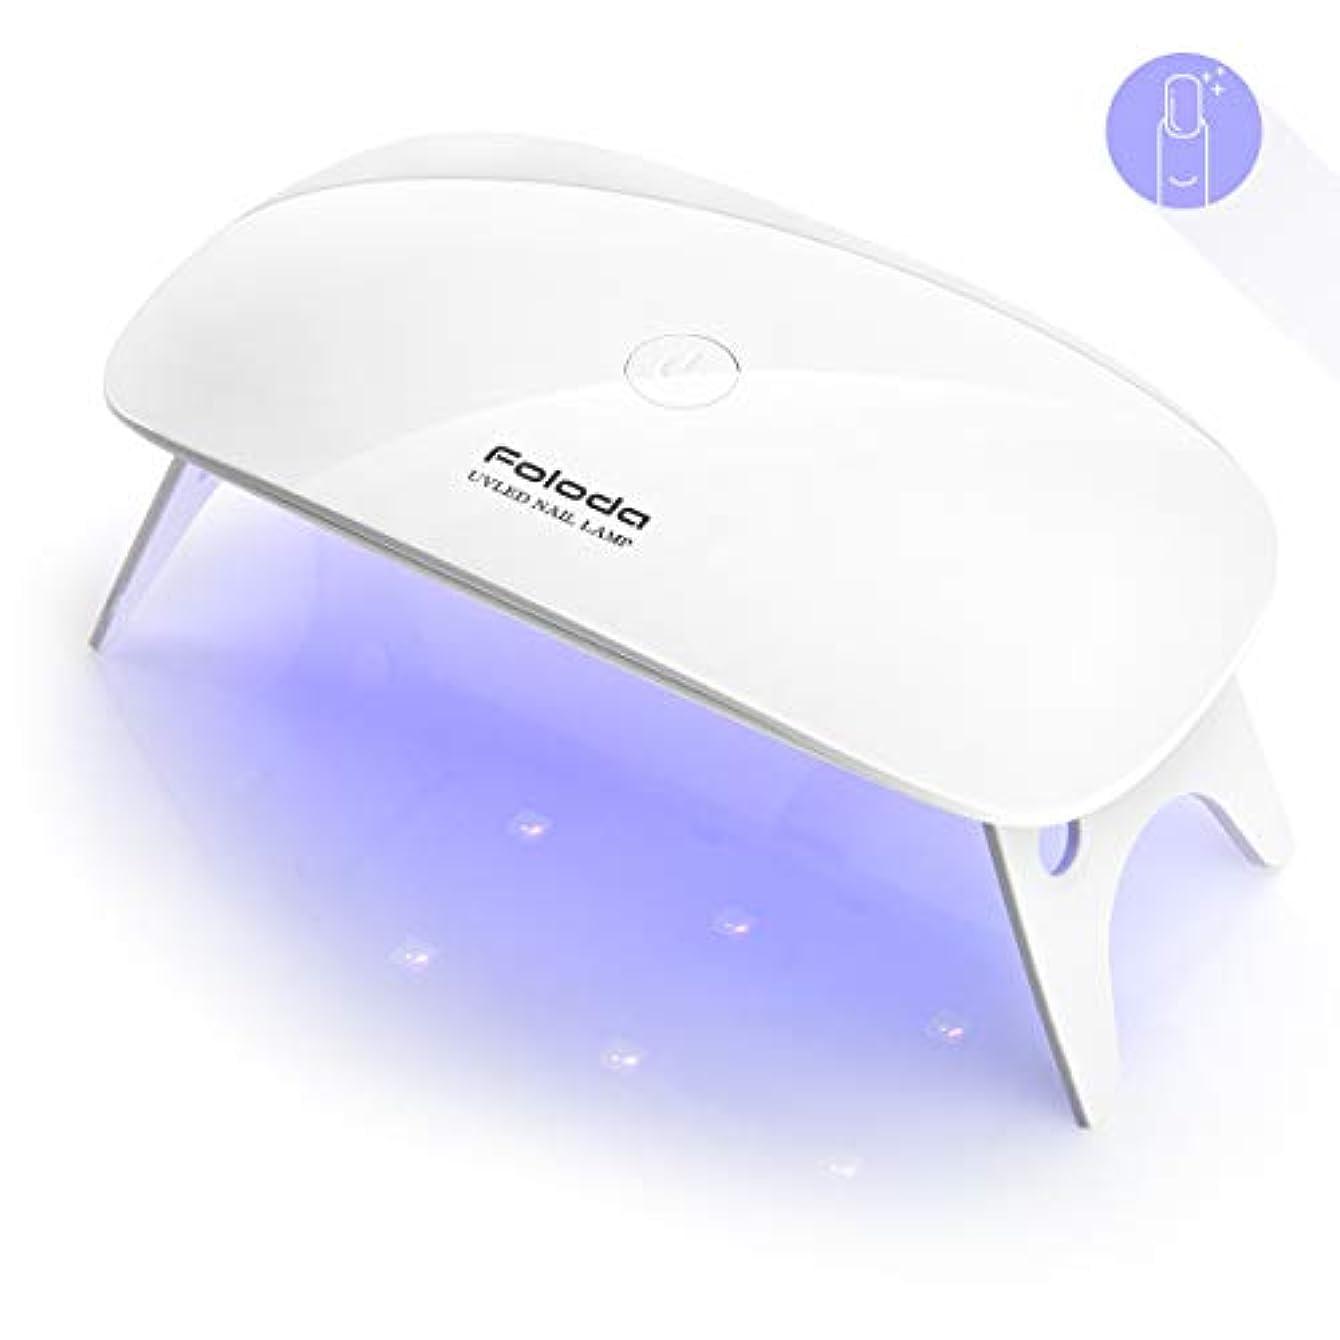 スローガン違法委託LEDネイルドライヤー UVライト Foloda タイマー設定可能 折りたたみ式手足とも使える 人感センサー式 LED 硬化ライト UV と LEDダブルライト ジェルネイル用 ホワイト (white)